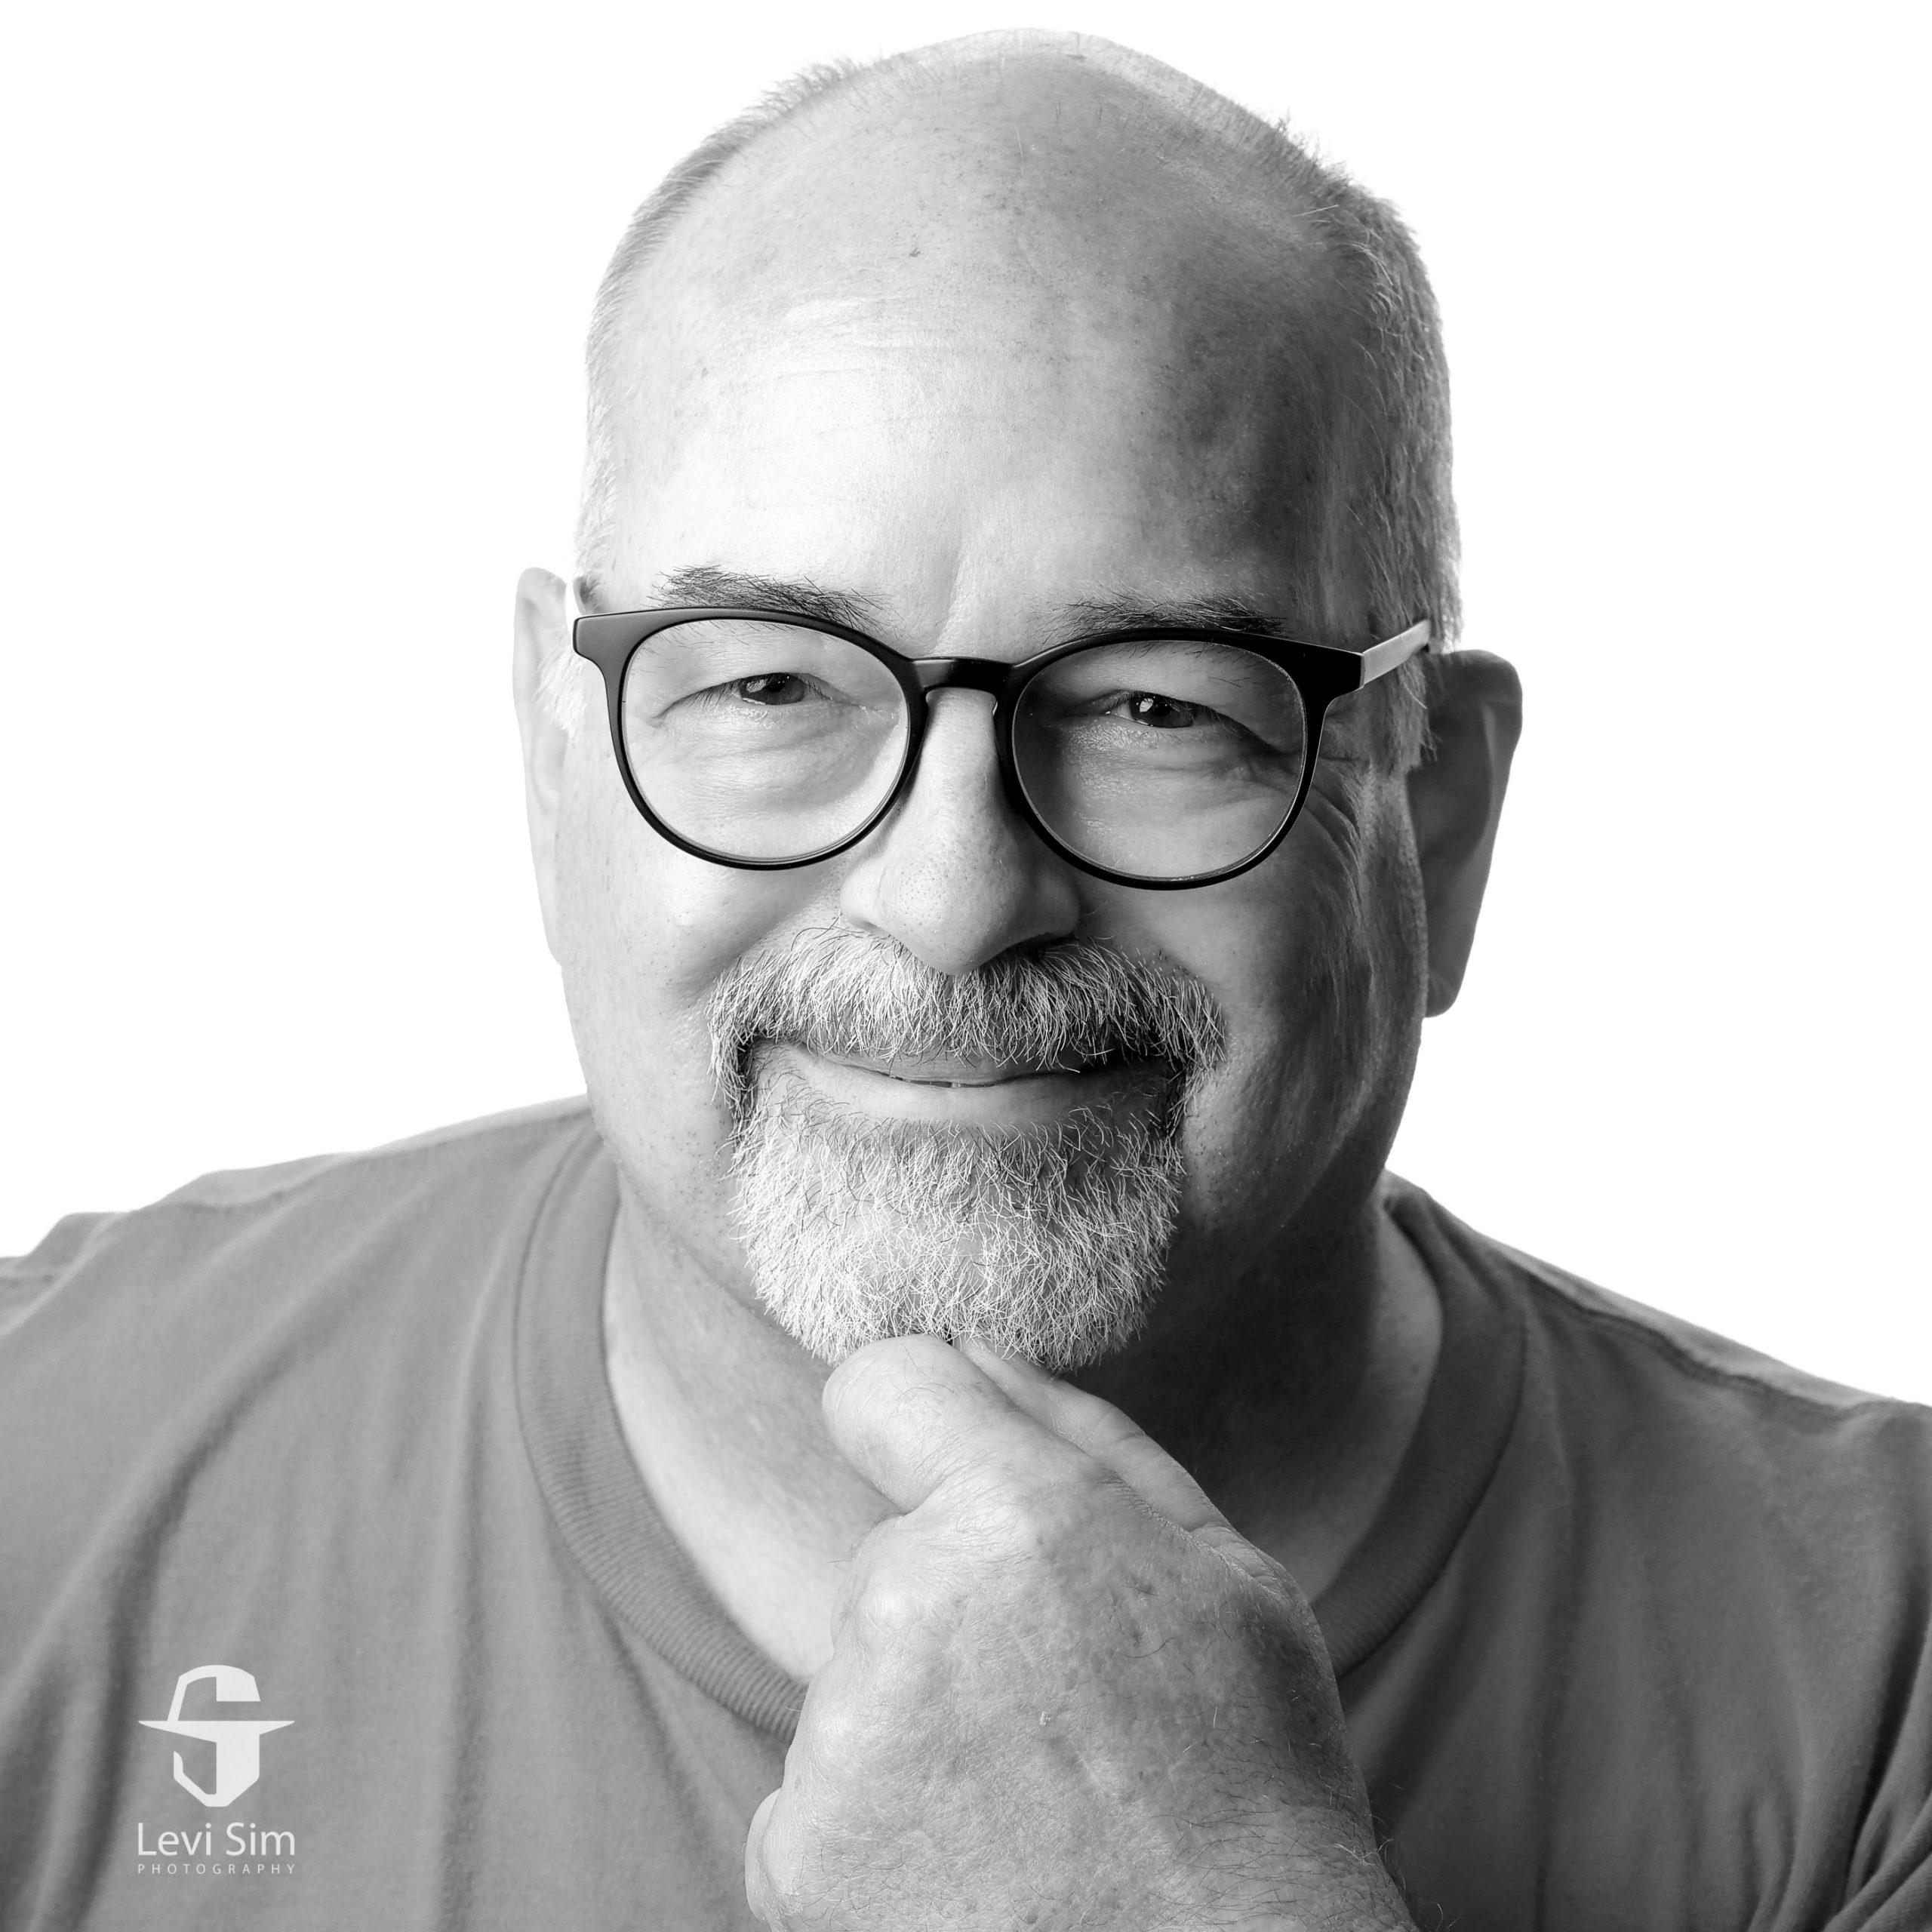 Levi Sim Steve Jobs Portrait Project Out Of Chicago 2017-94